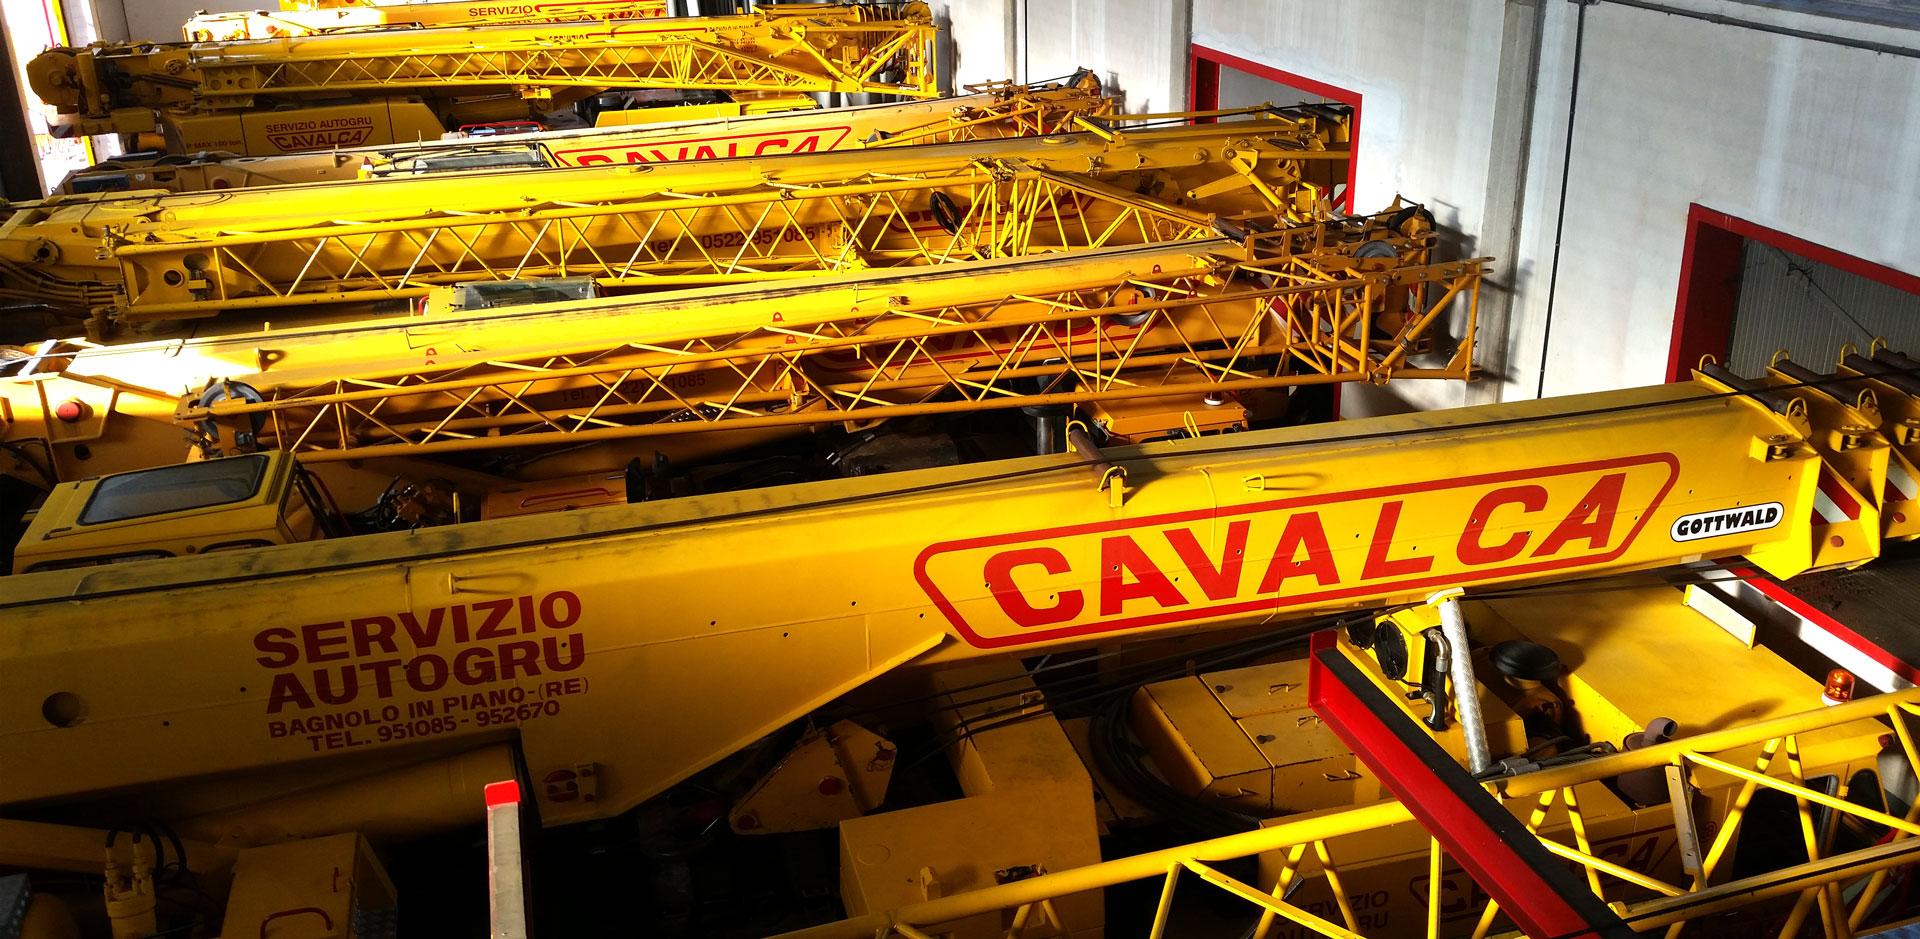 Sollevamenti fino a 12 tonnellate - Cavalca Autogru